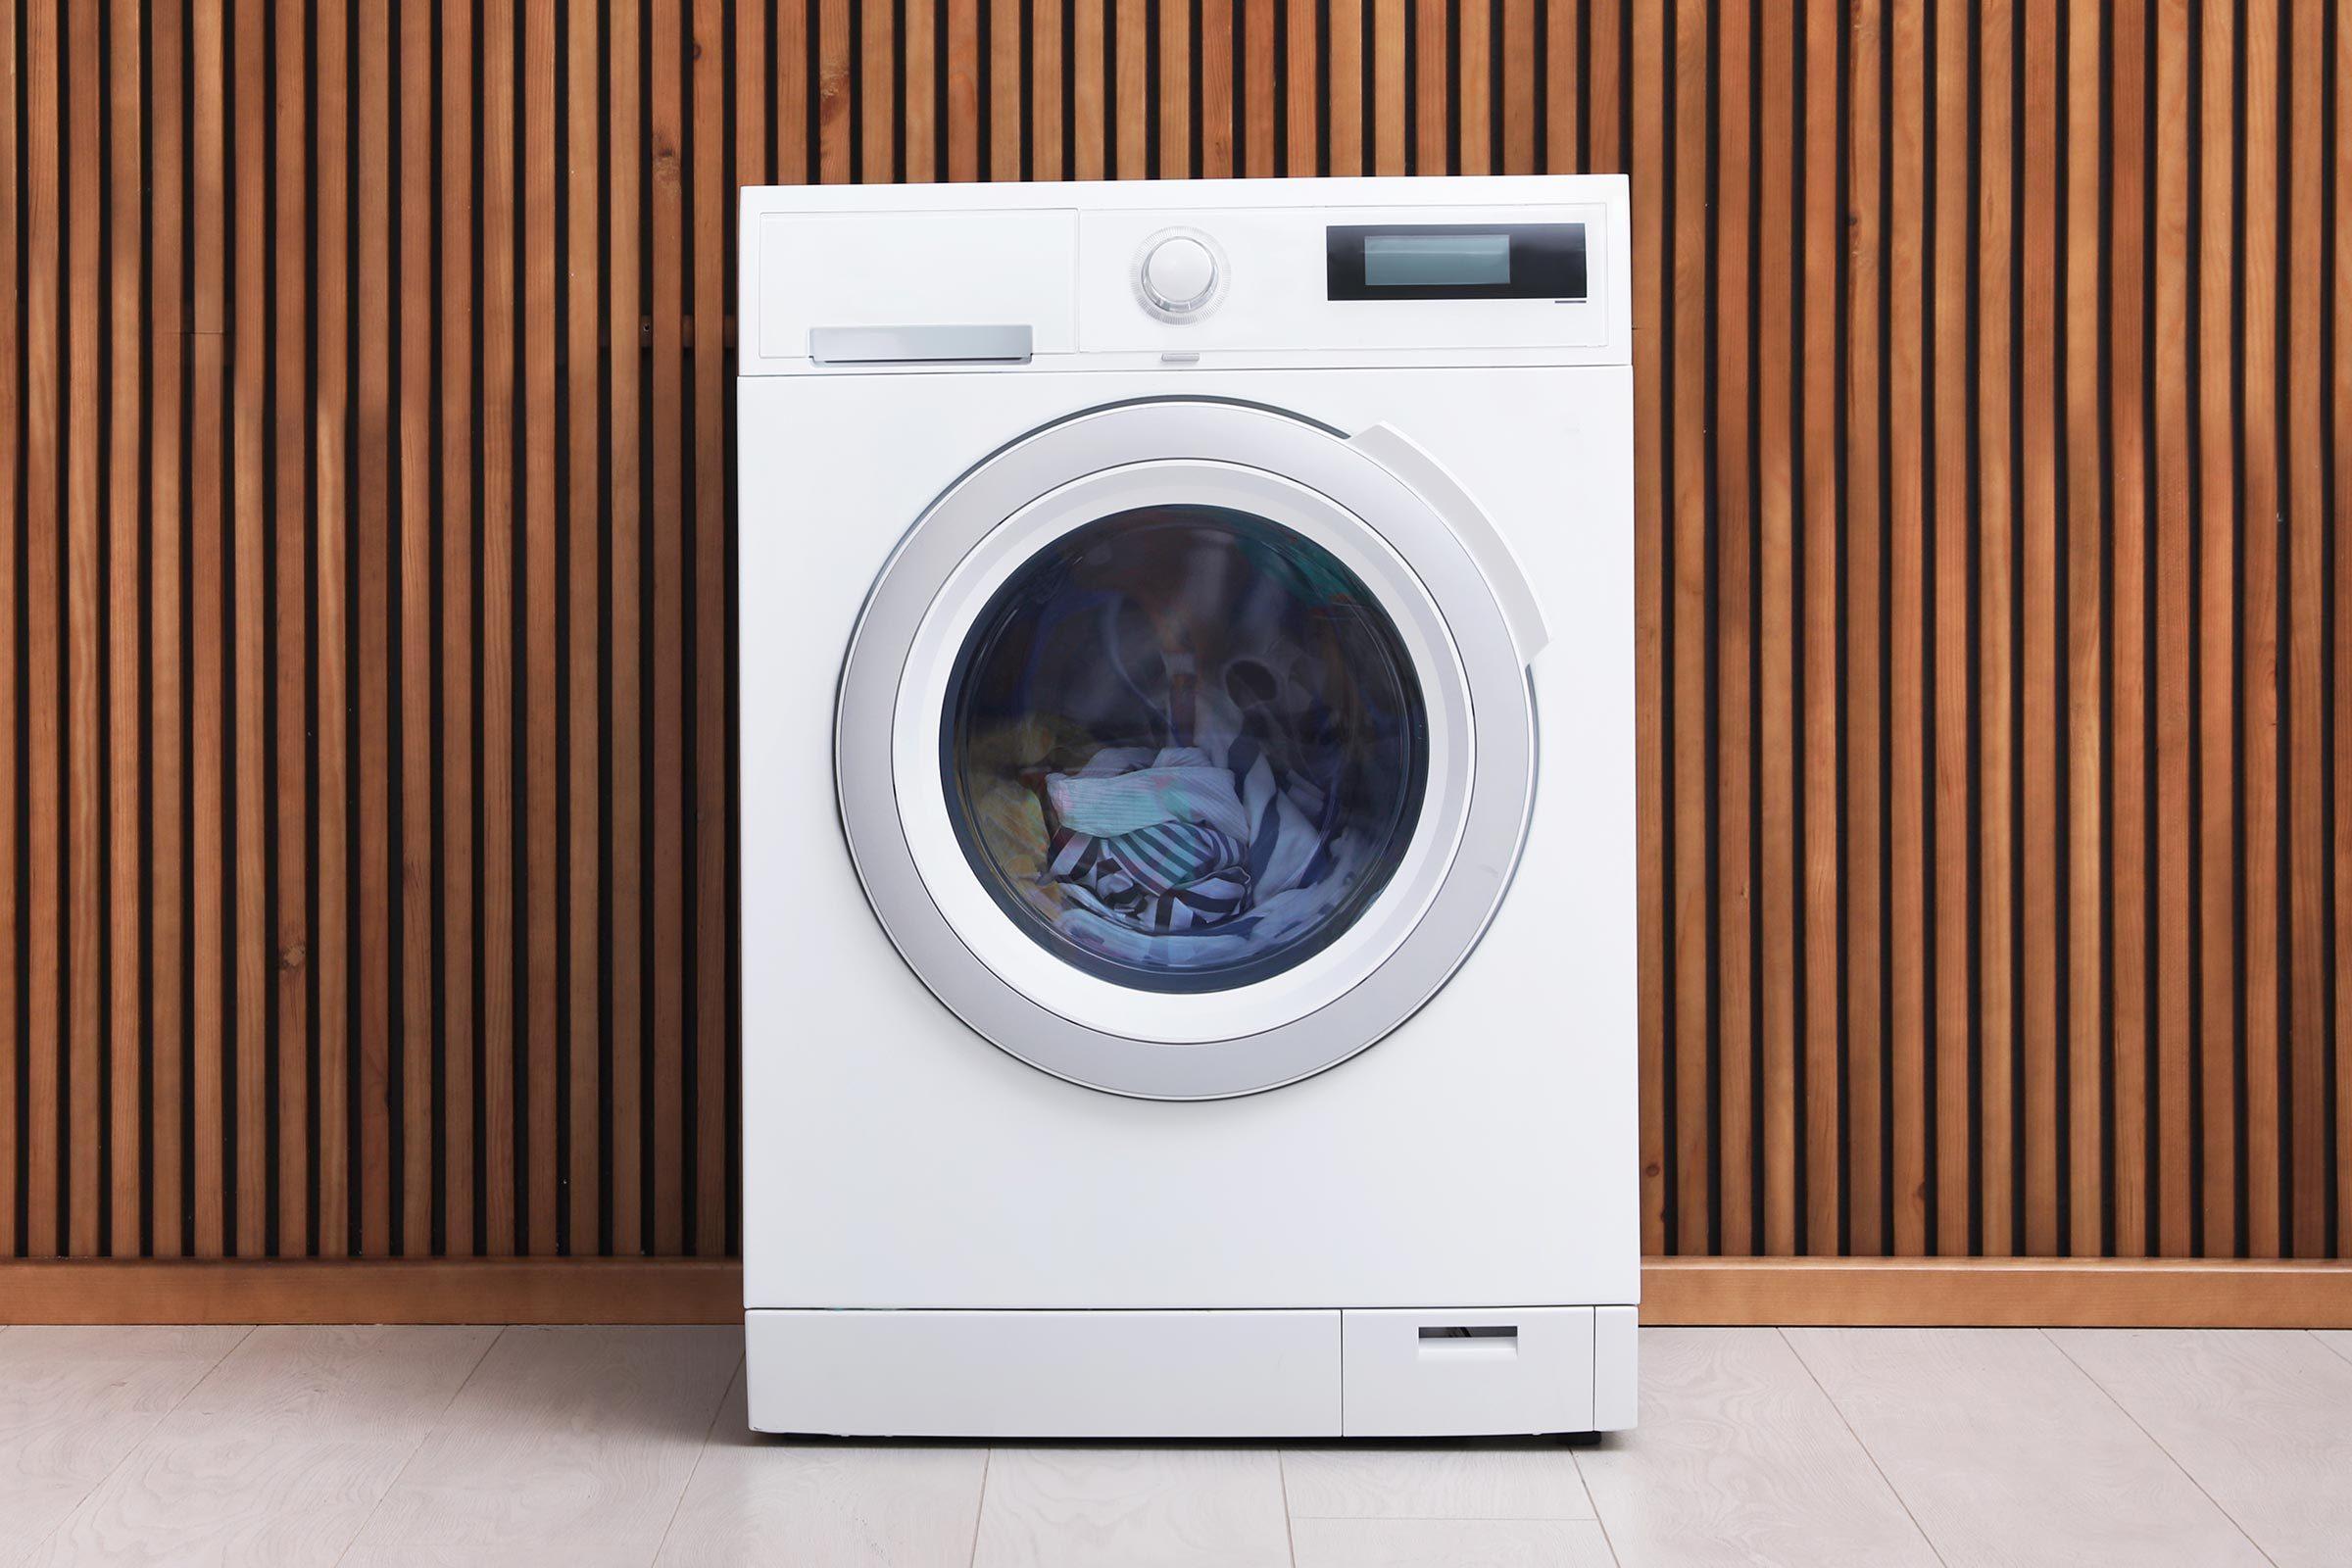 نگه داری ماشین لباسشویی